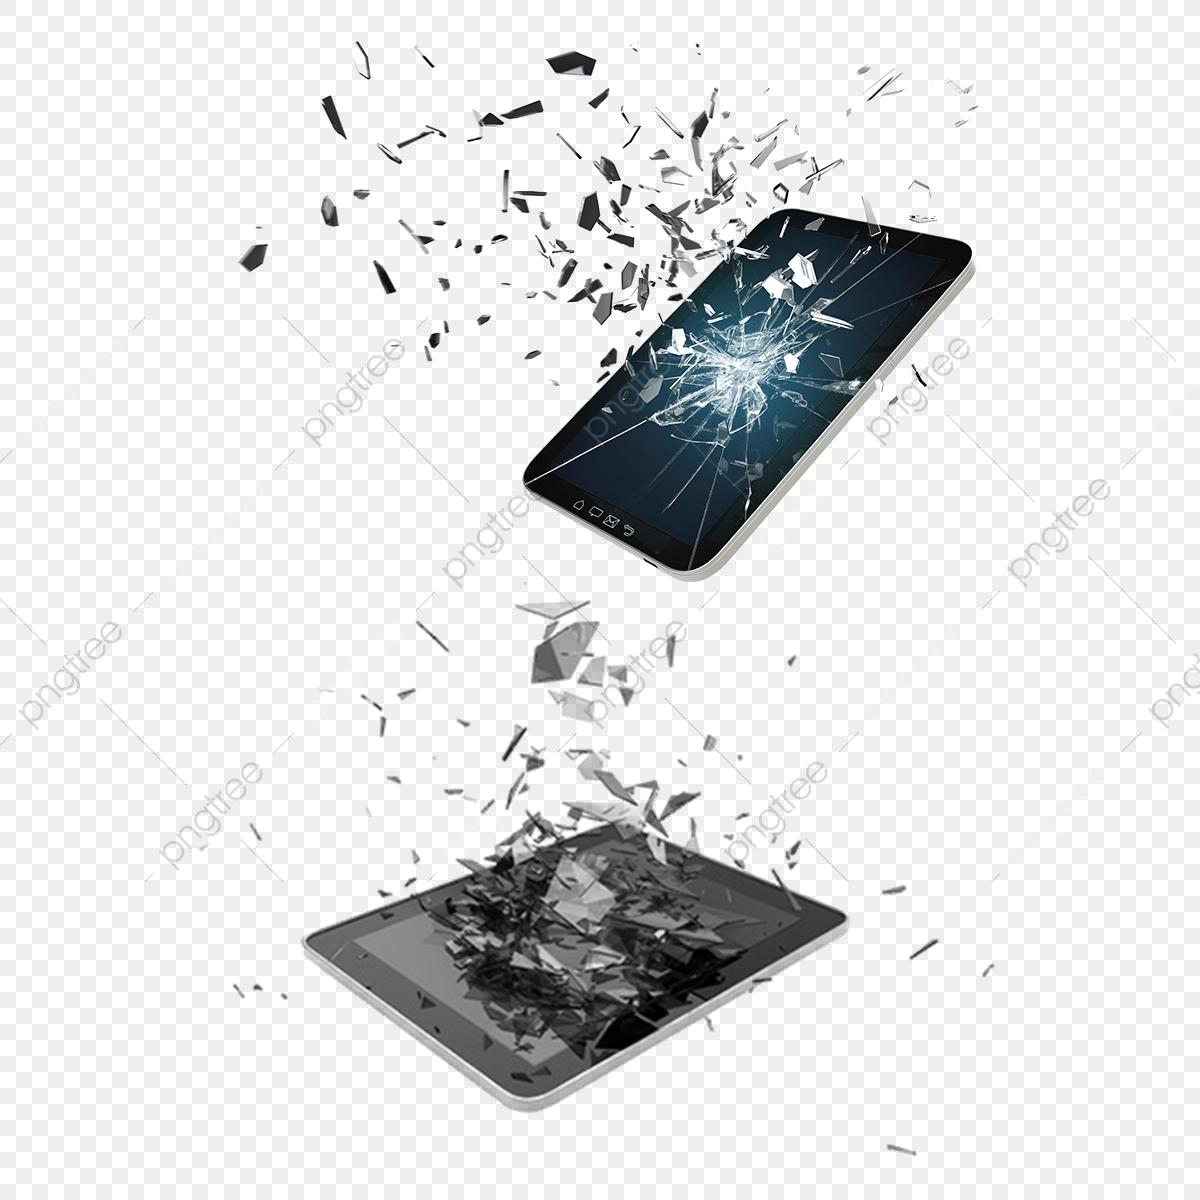 Ipad cracked. Broken mobile phone screen